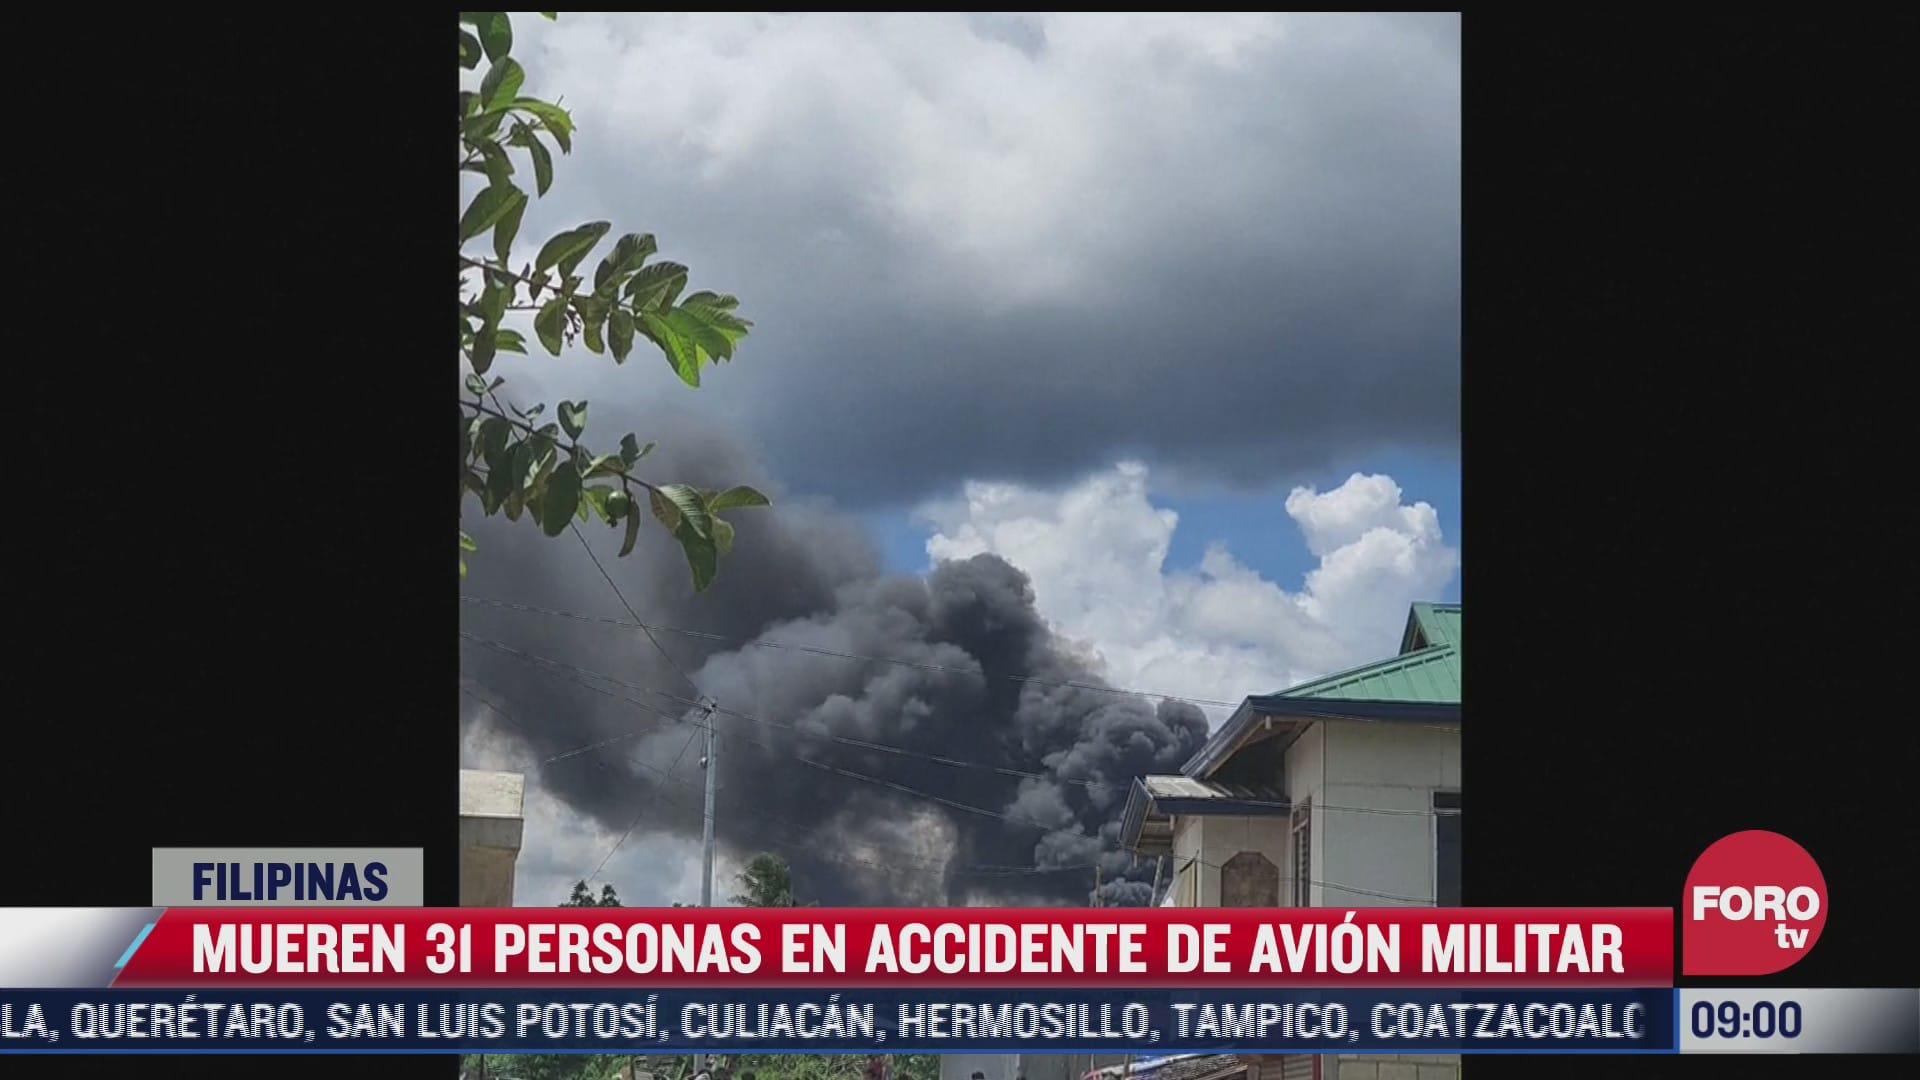 se estrella un avion militar en filipinas hay al menos 31 muertos